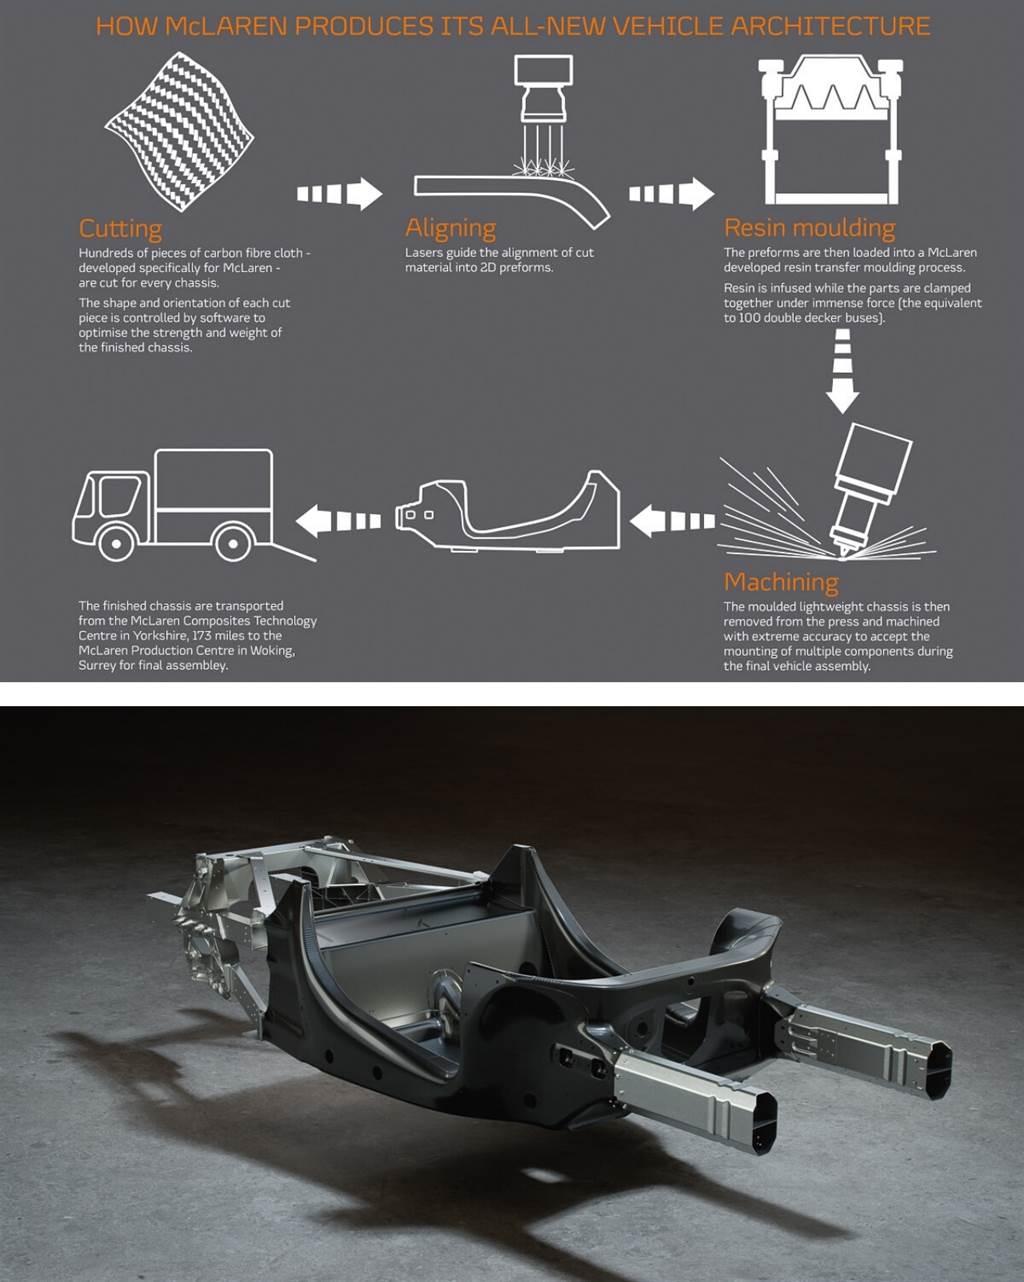 鋁製副車架位於碳纖維硬殼單體的任一端,這些副車架提供了McLaren Artura的可變形碰撞結構。設計用於吸收衝擊,這些結構可以輕鬆維修或更換,並且非常經濟高效。然而,具有全鋁或鋼製底盤的車款會使用其整個結構來吸收撞擊,從而可能對整個結構(包括座艙)造成相對較大的損壞。